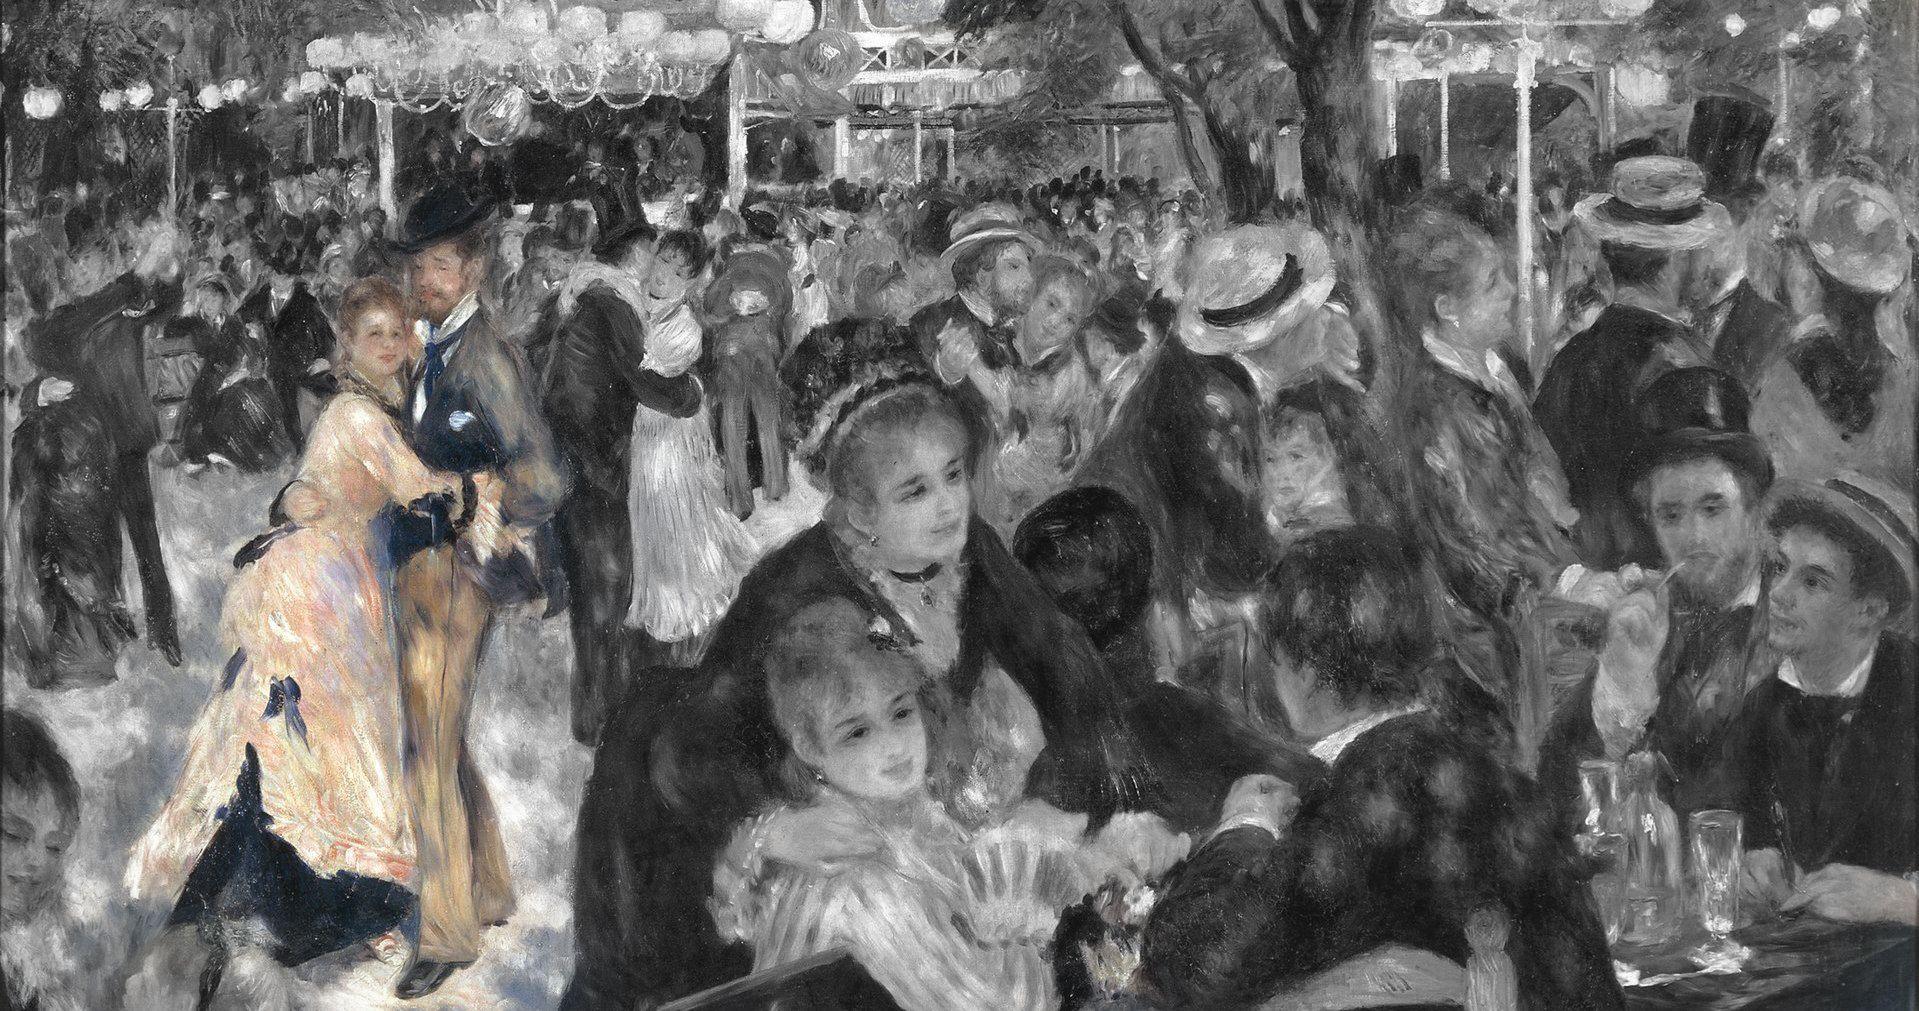 1920px-Pierre-Auguste_Renoir,_Le_Moulin_de_la_Galette-copie-2-compressor